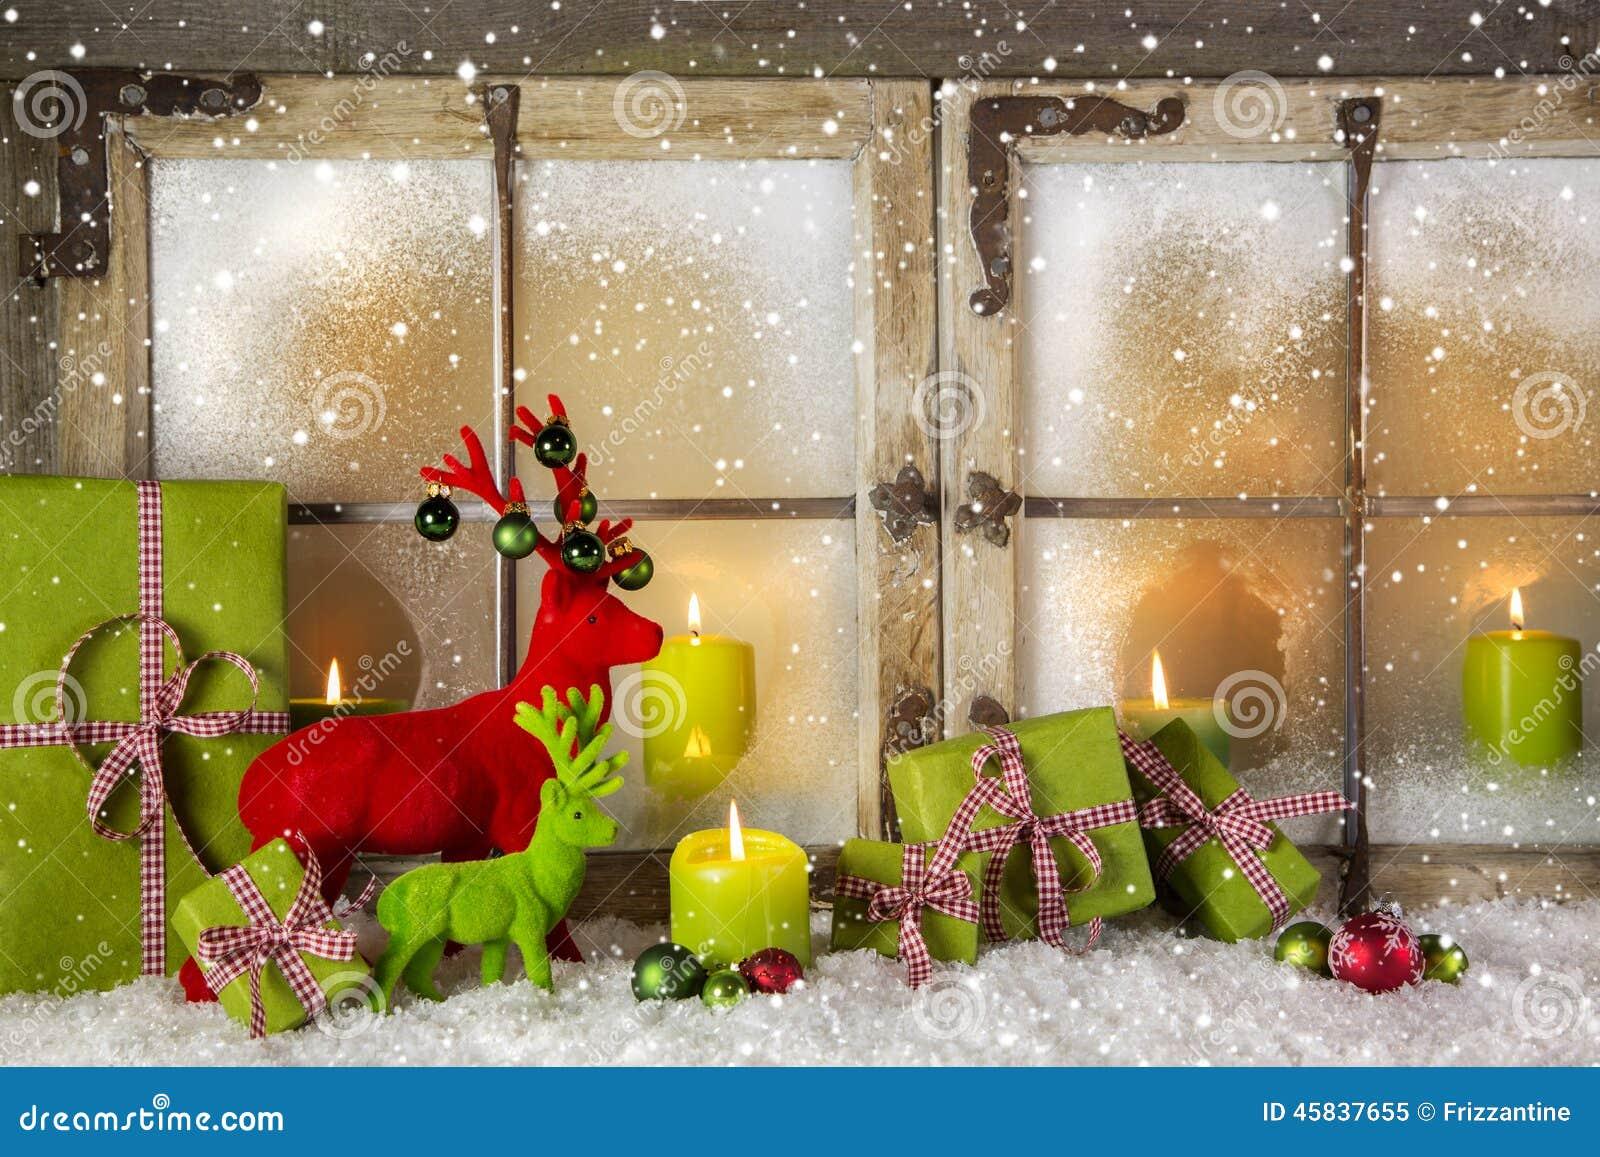 La décoration de fête de fenêtre de Noël en vert et rouge avec presen